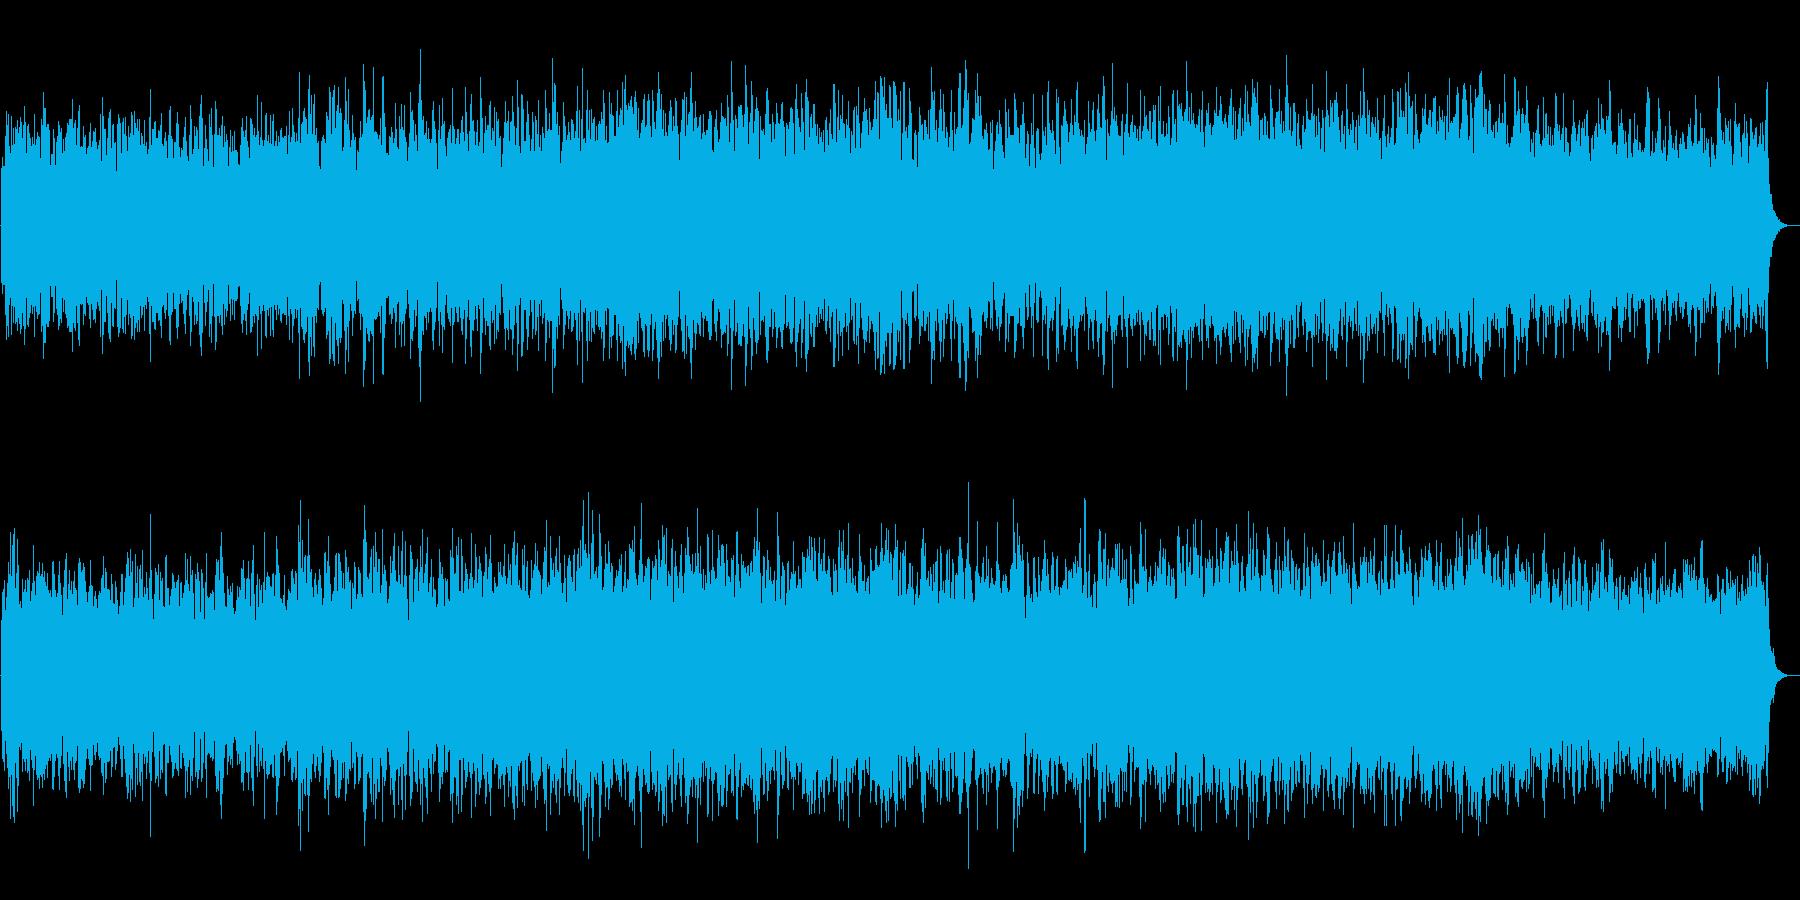 深海をイメージしたアンビエントの再生済みの波形